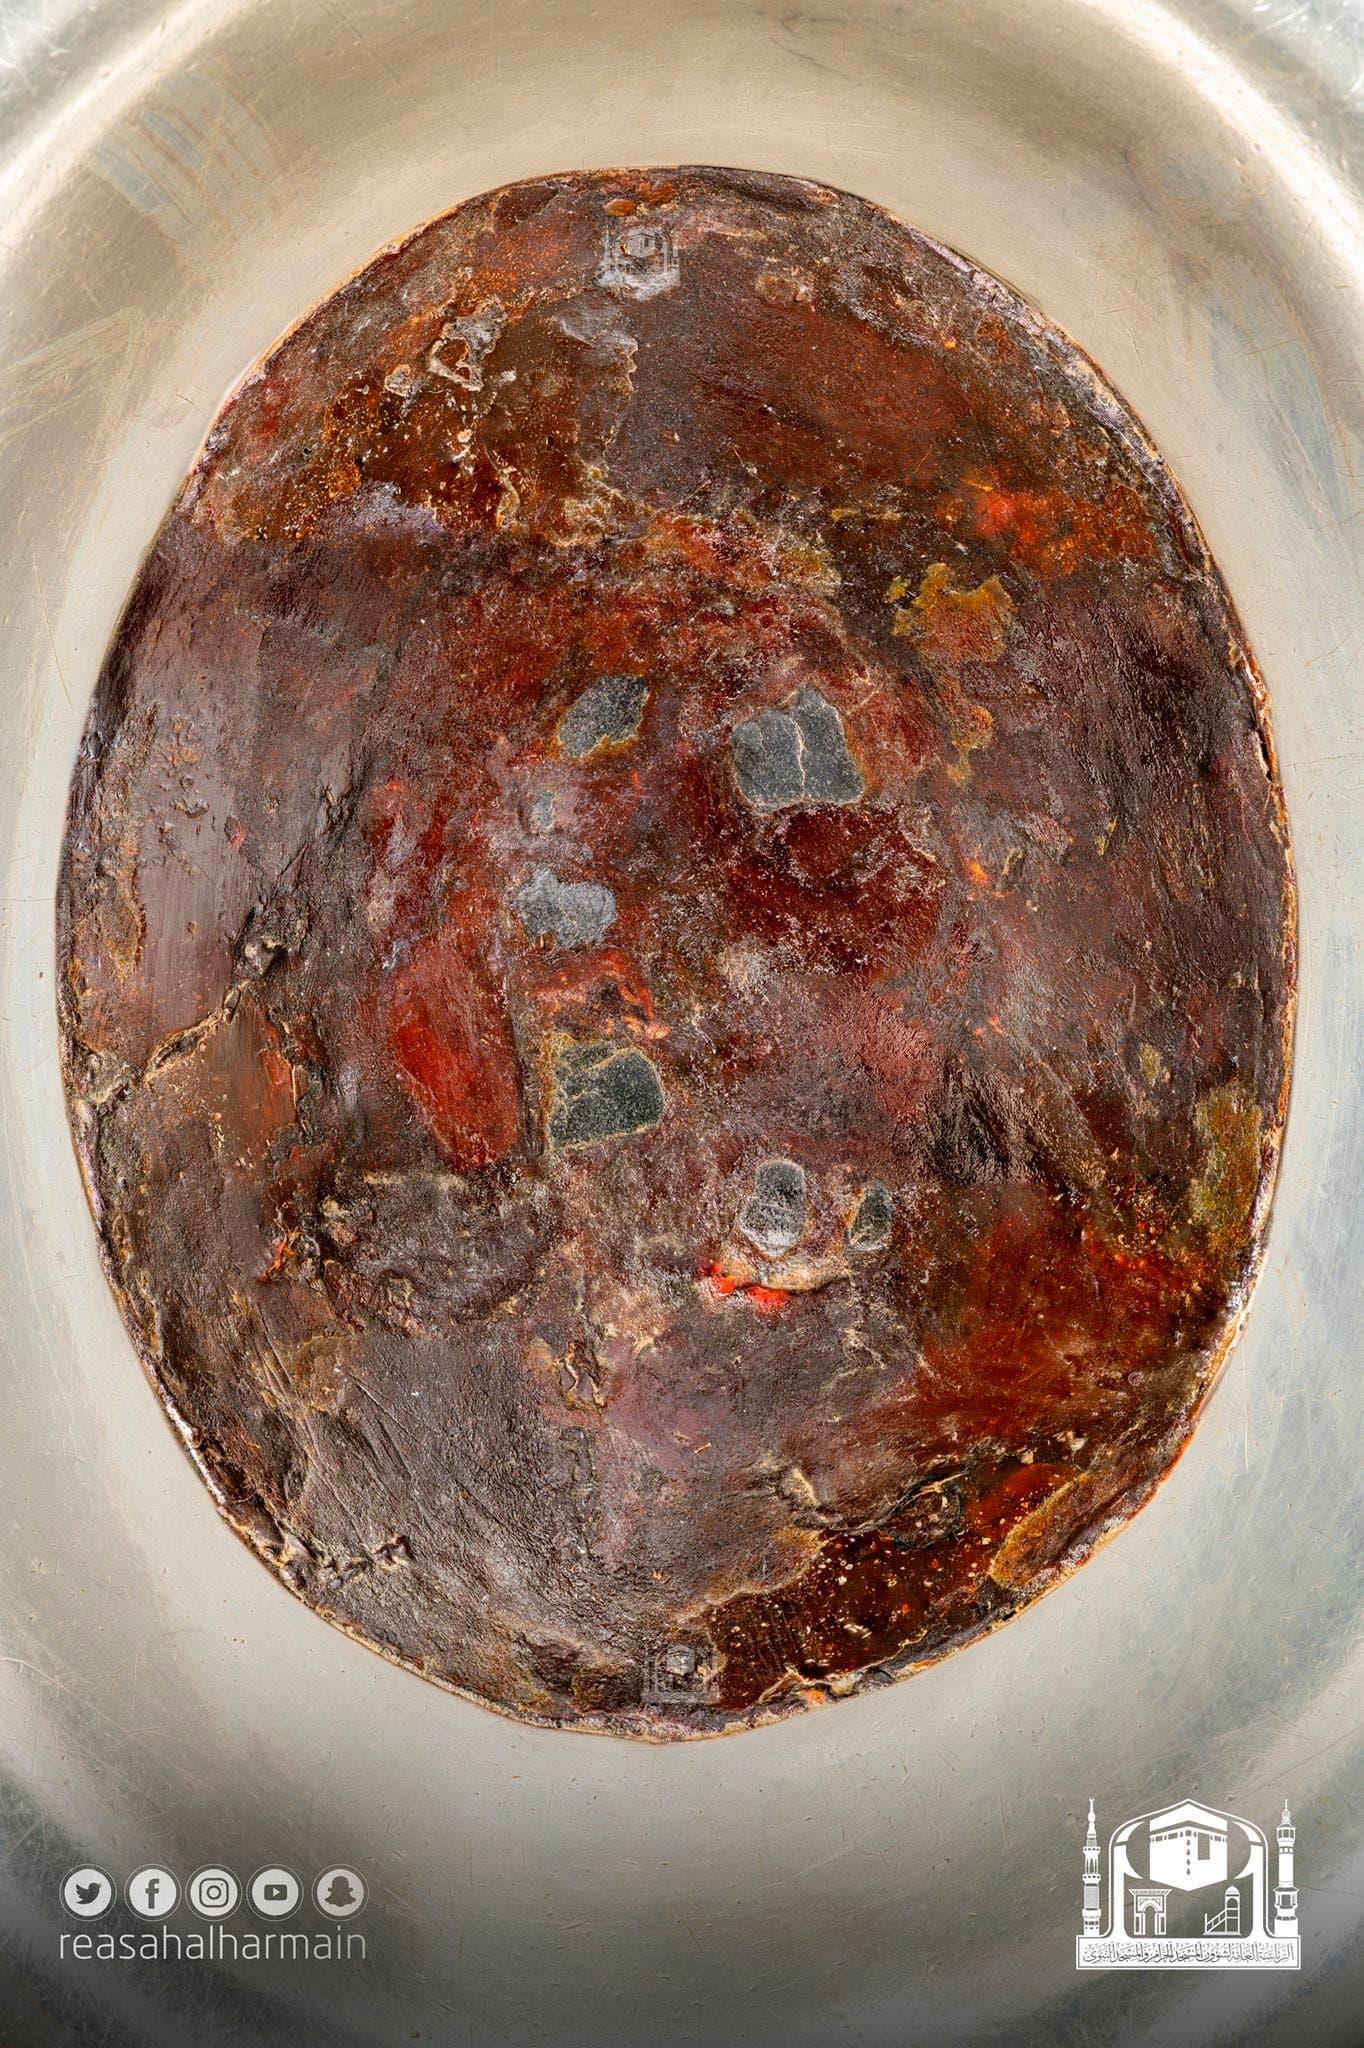 حجر اسود کی 49 ہزار میگا پکسلز ریزولوشن تصویر